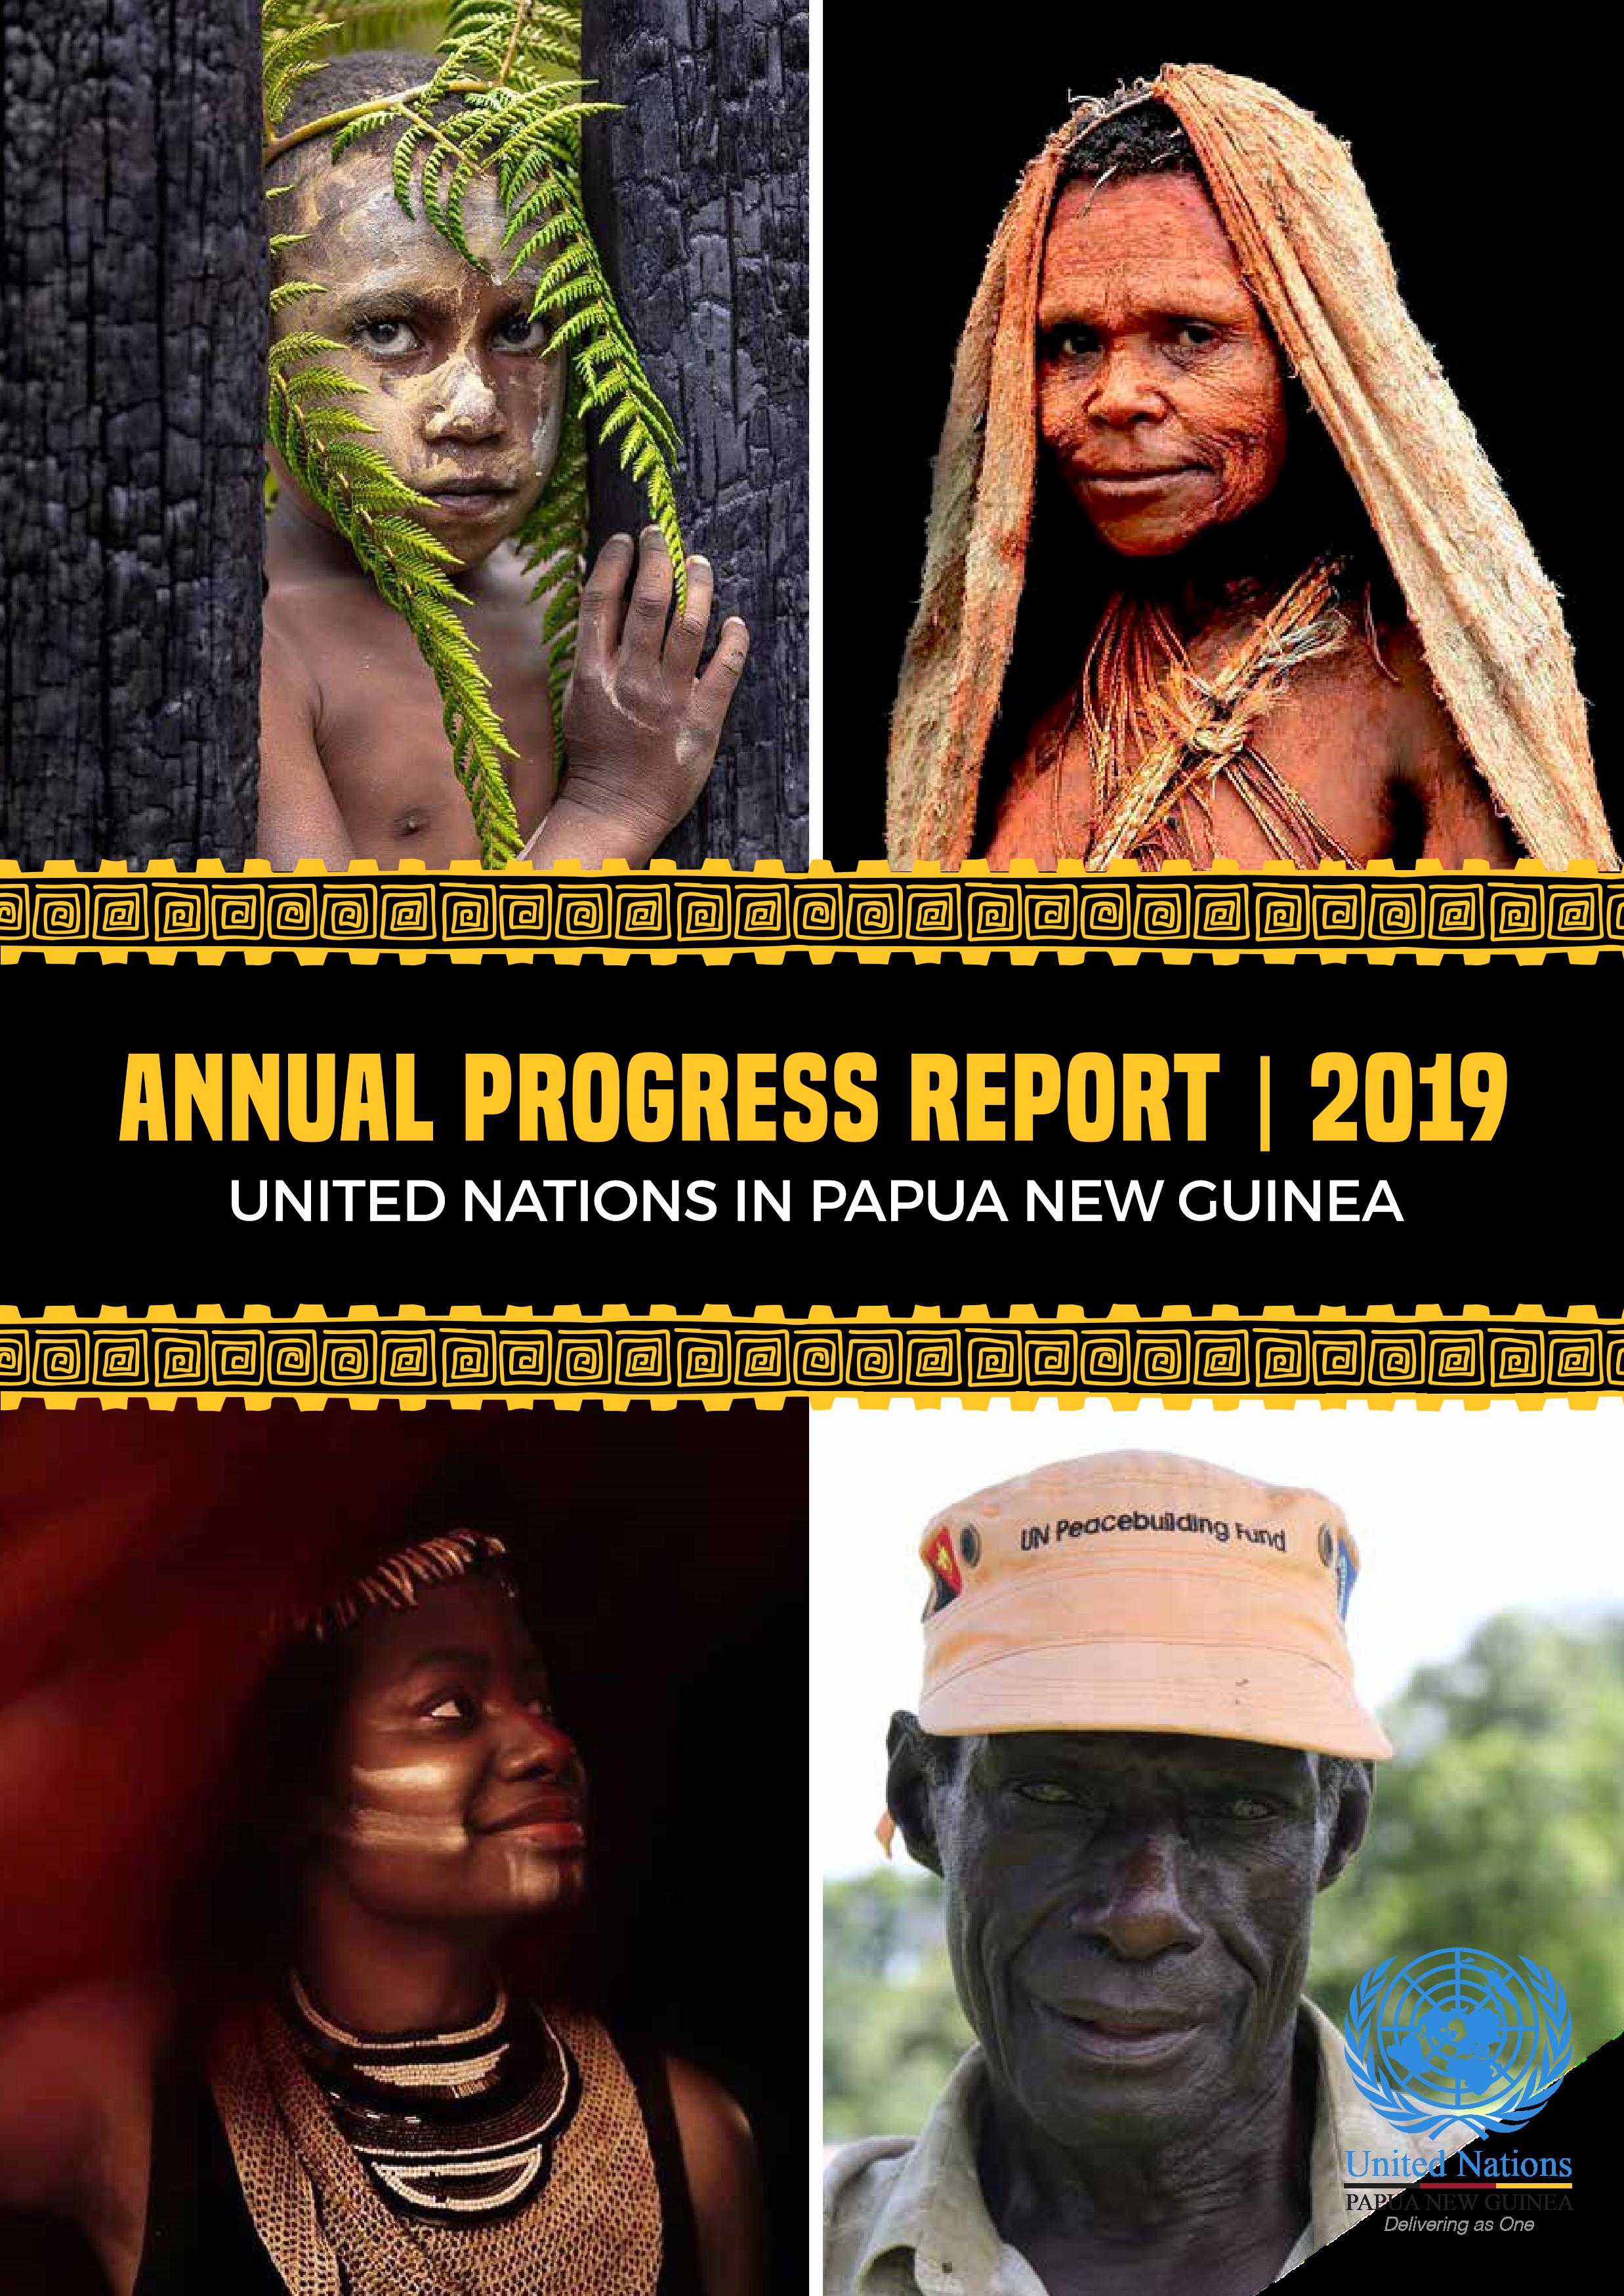 Annual Progress Report 2019